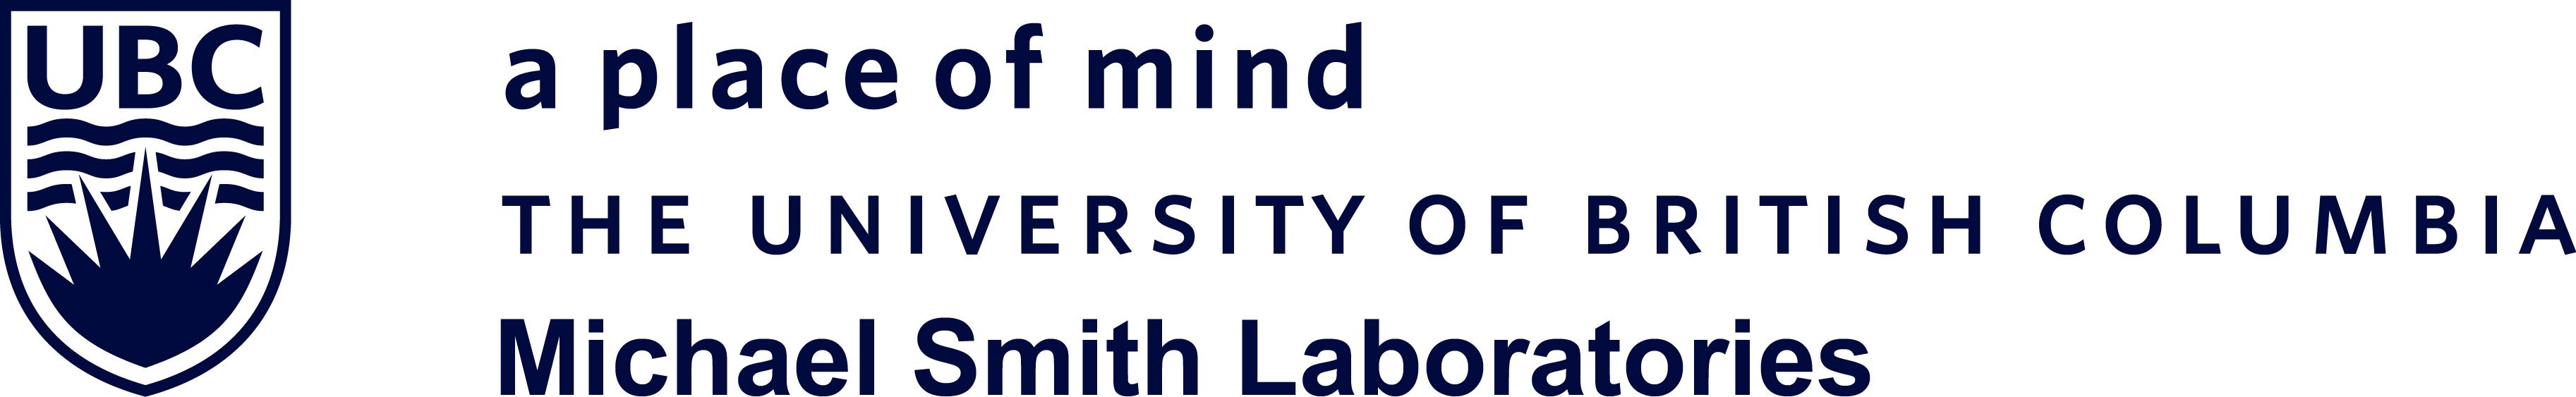 ubc-msl-logo